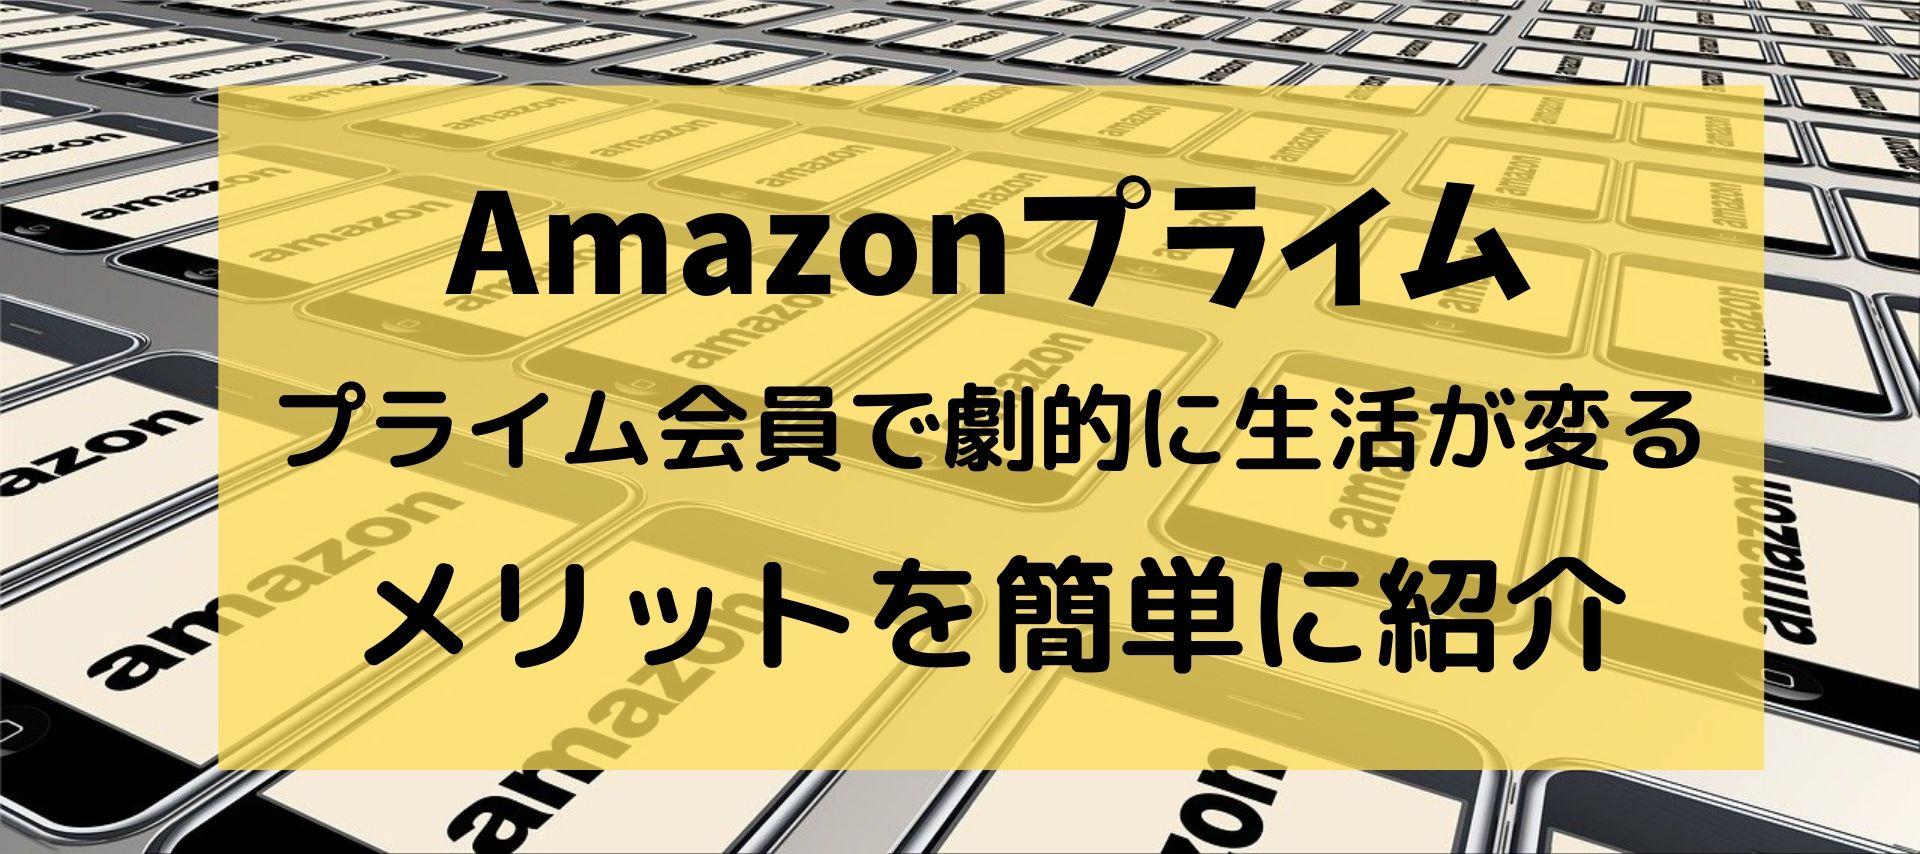 Amazonプライムに加入して劇的に生活が変わった!絶対入るべき!